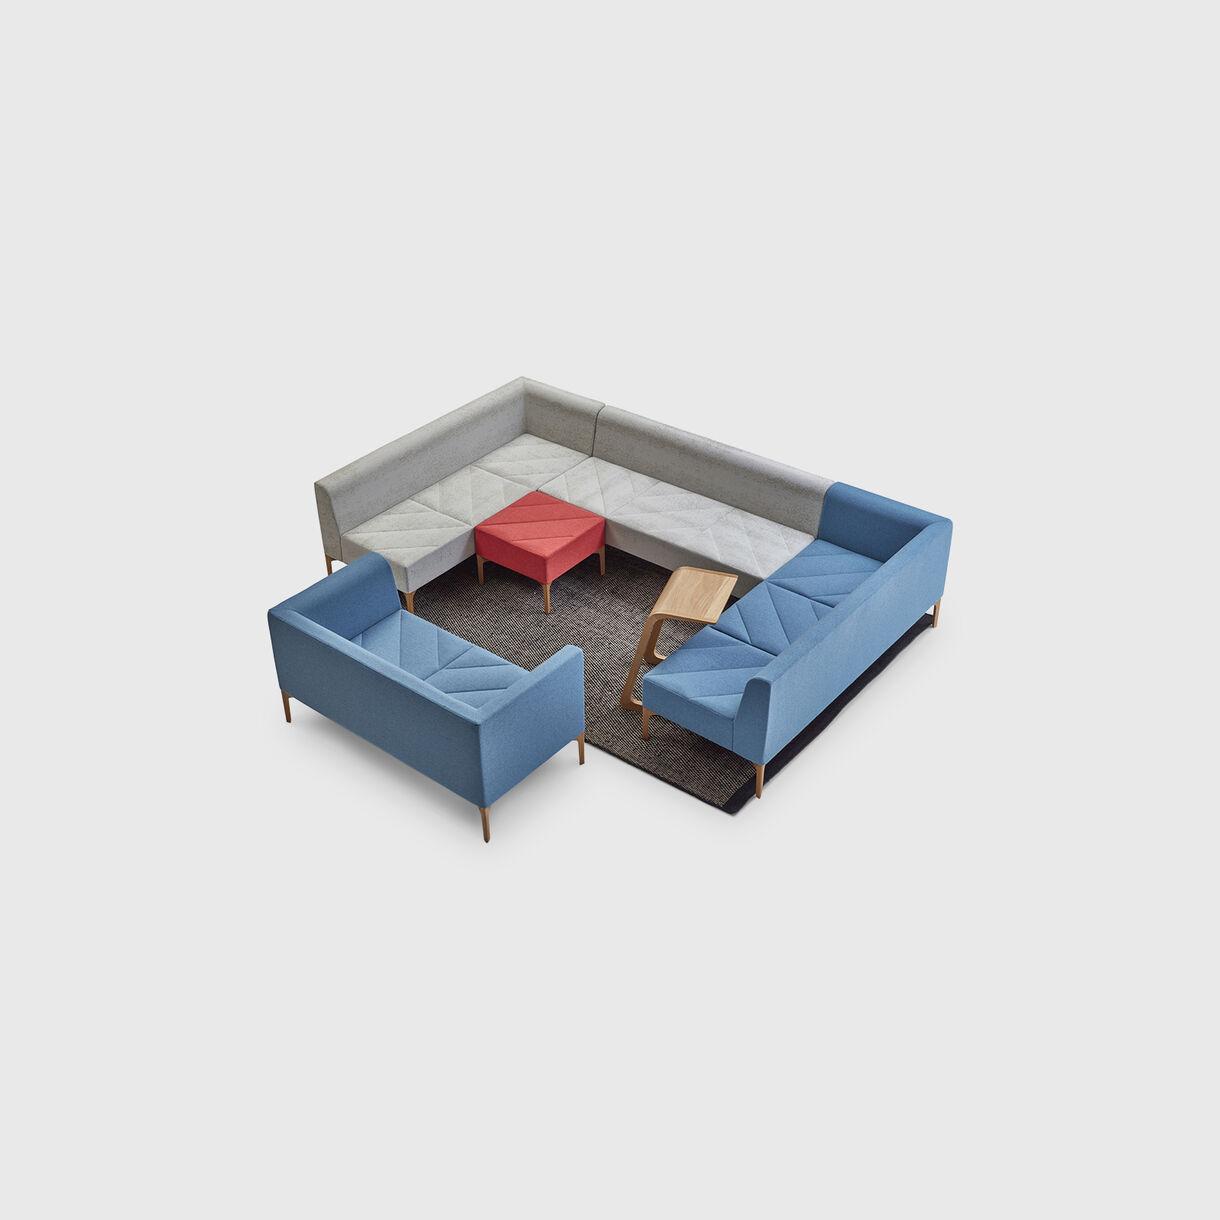 Hatch Modular Seating